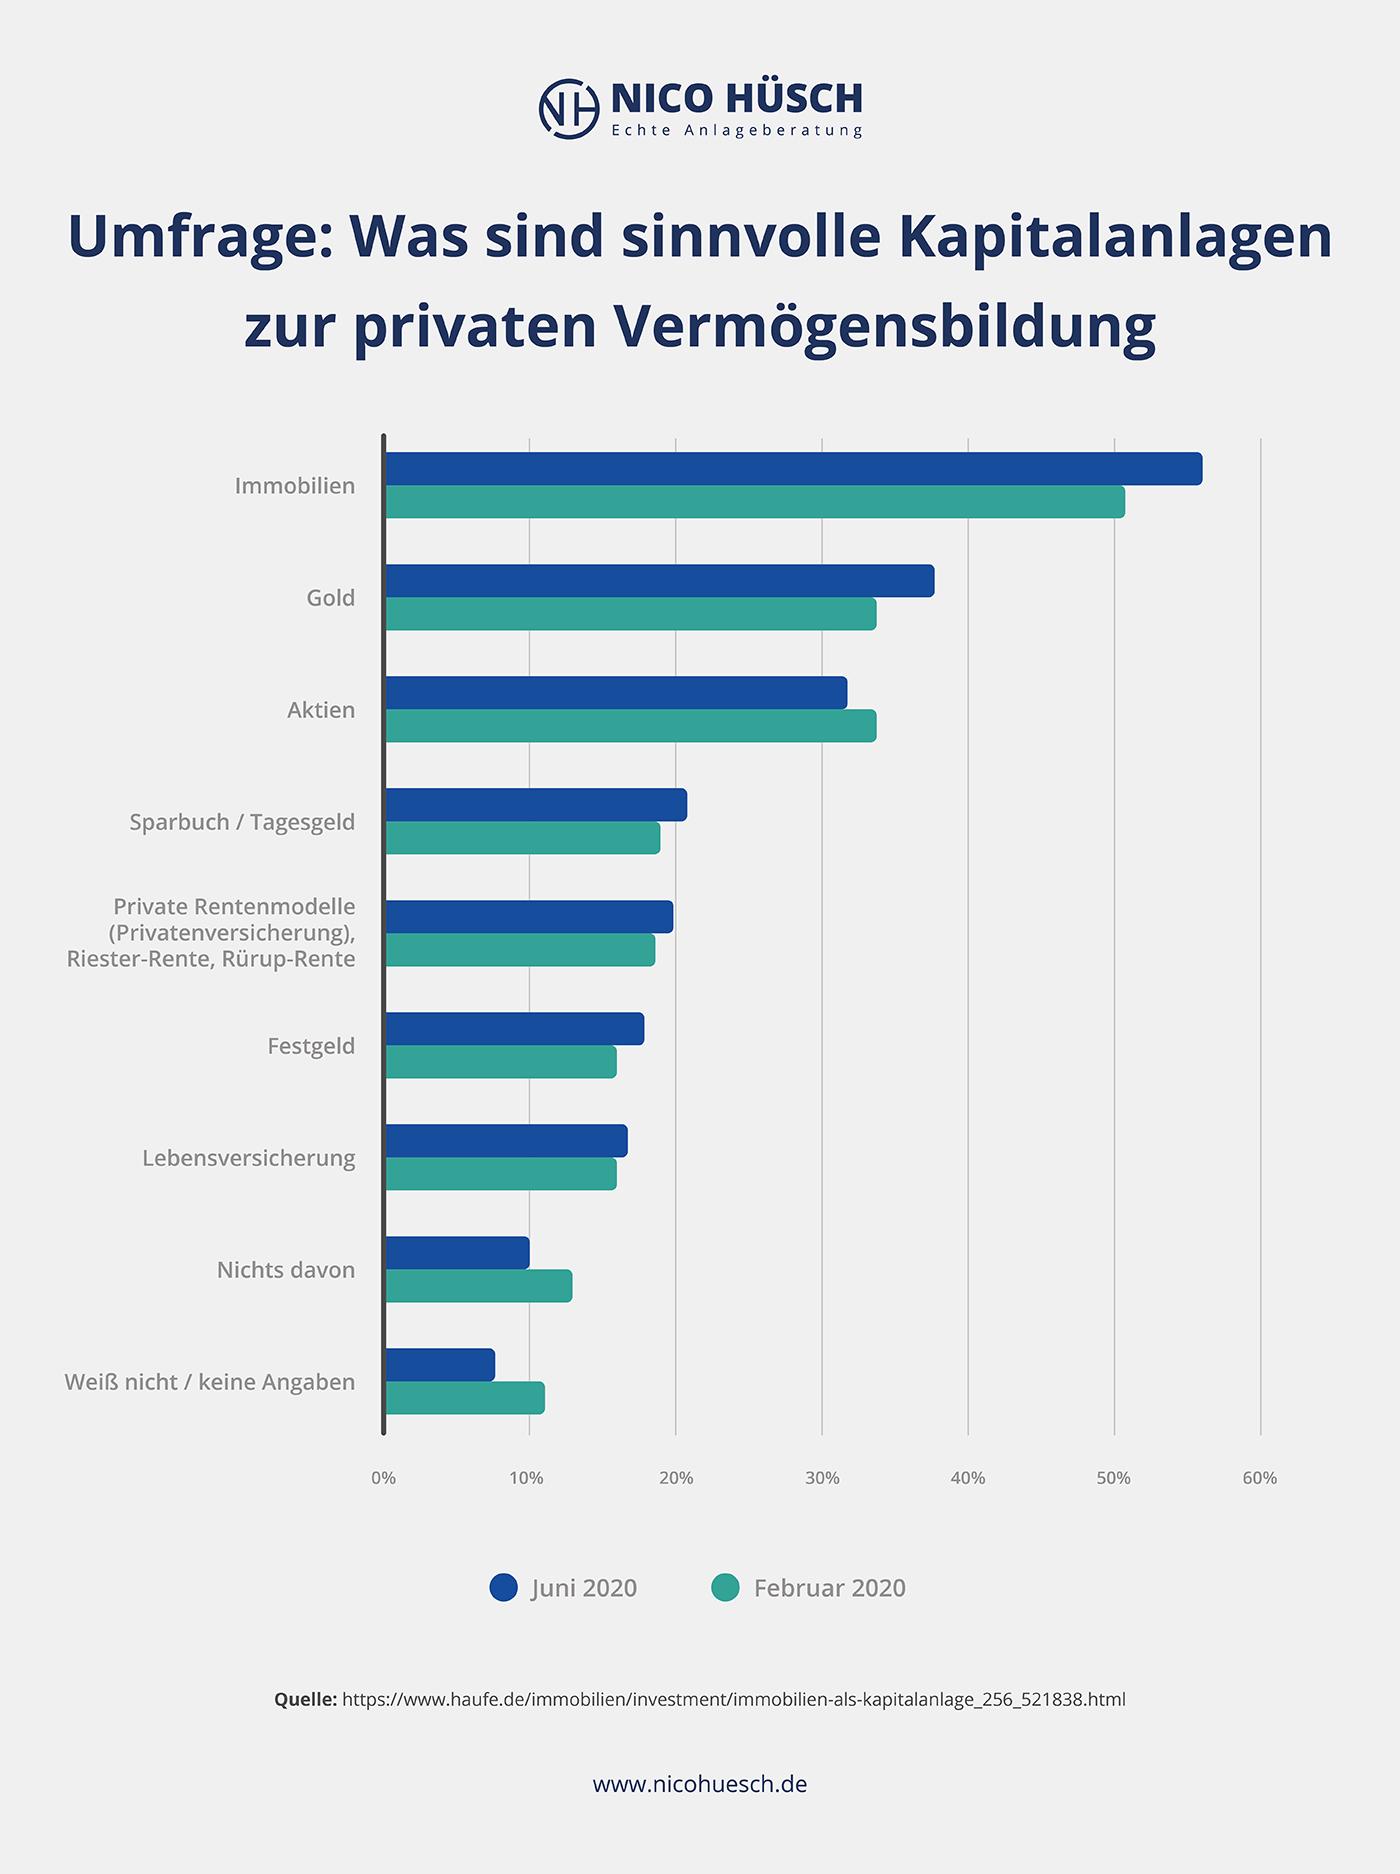 Statistik zu sinnvolle Kapitalanlagen zur privaten Vermögensbildung